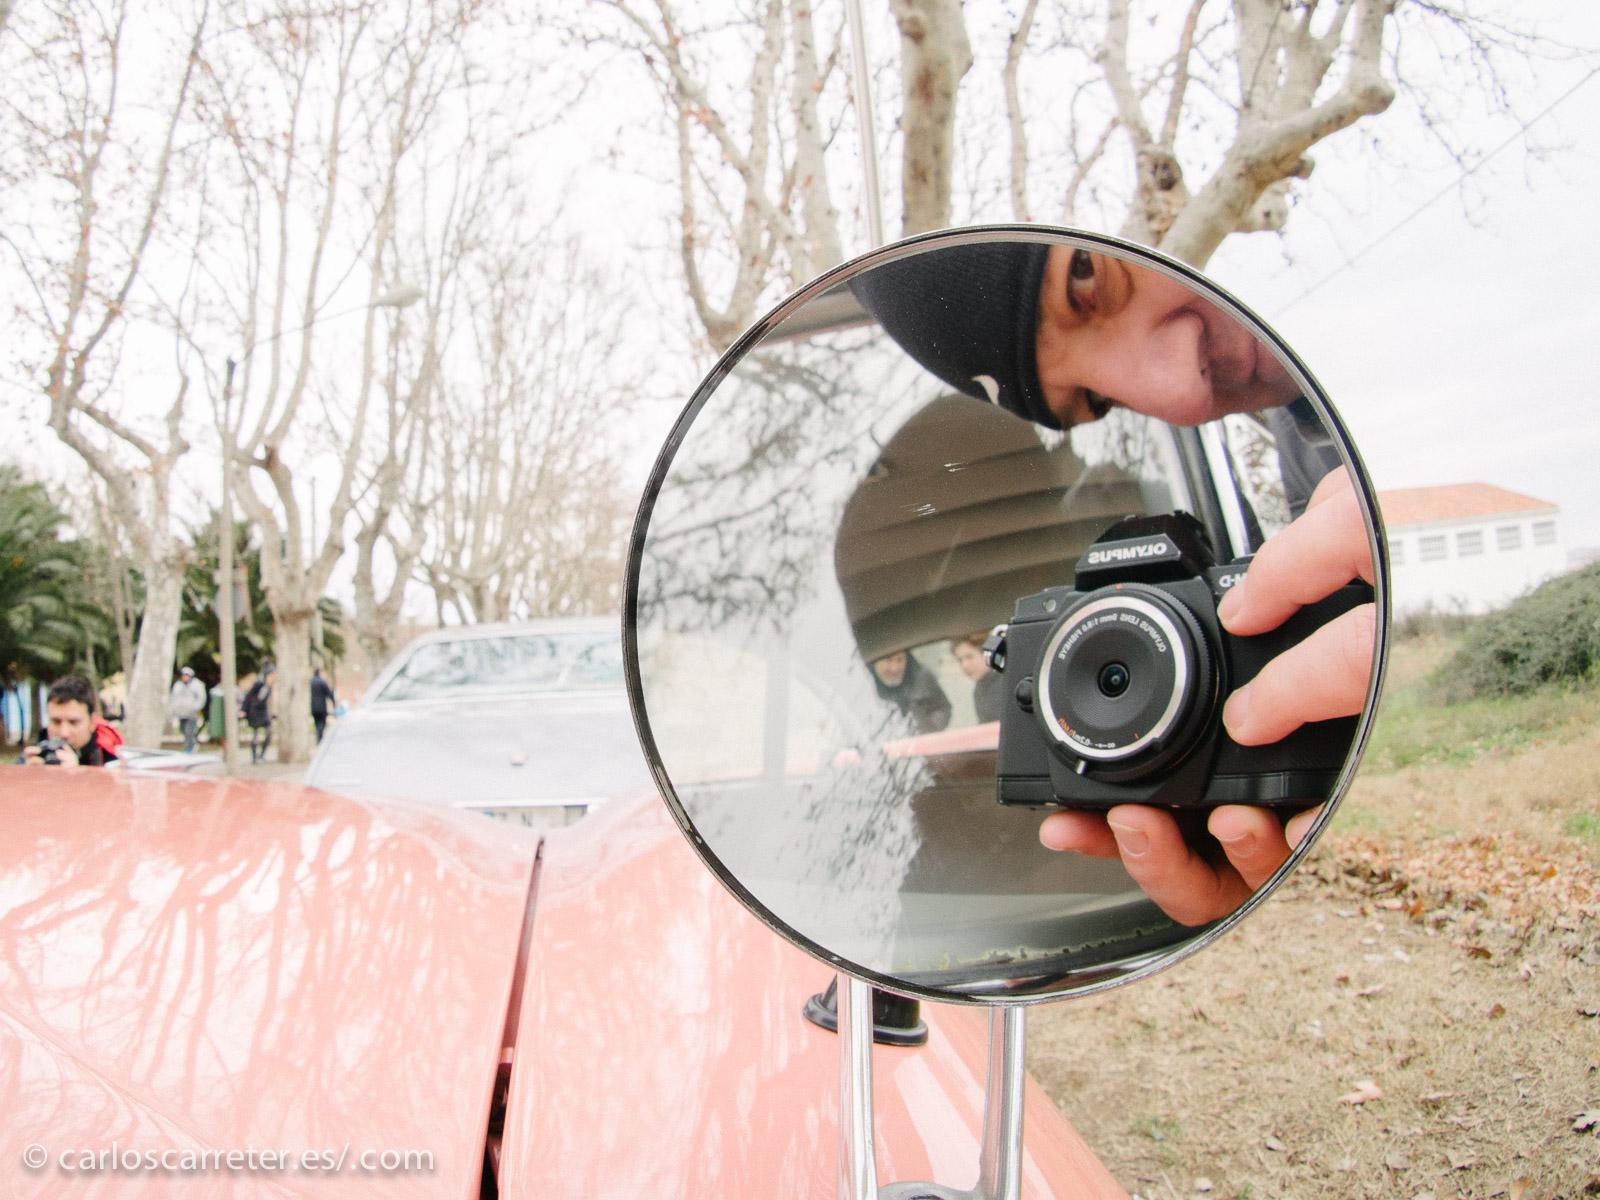 Y con los automóviles, no faltan los espejos y las superficies reflectantes para intentar los selfis más originales.